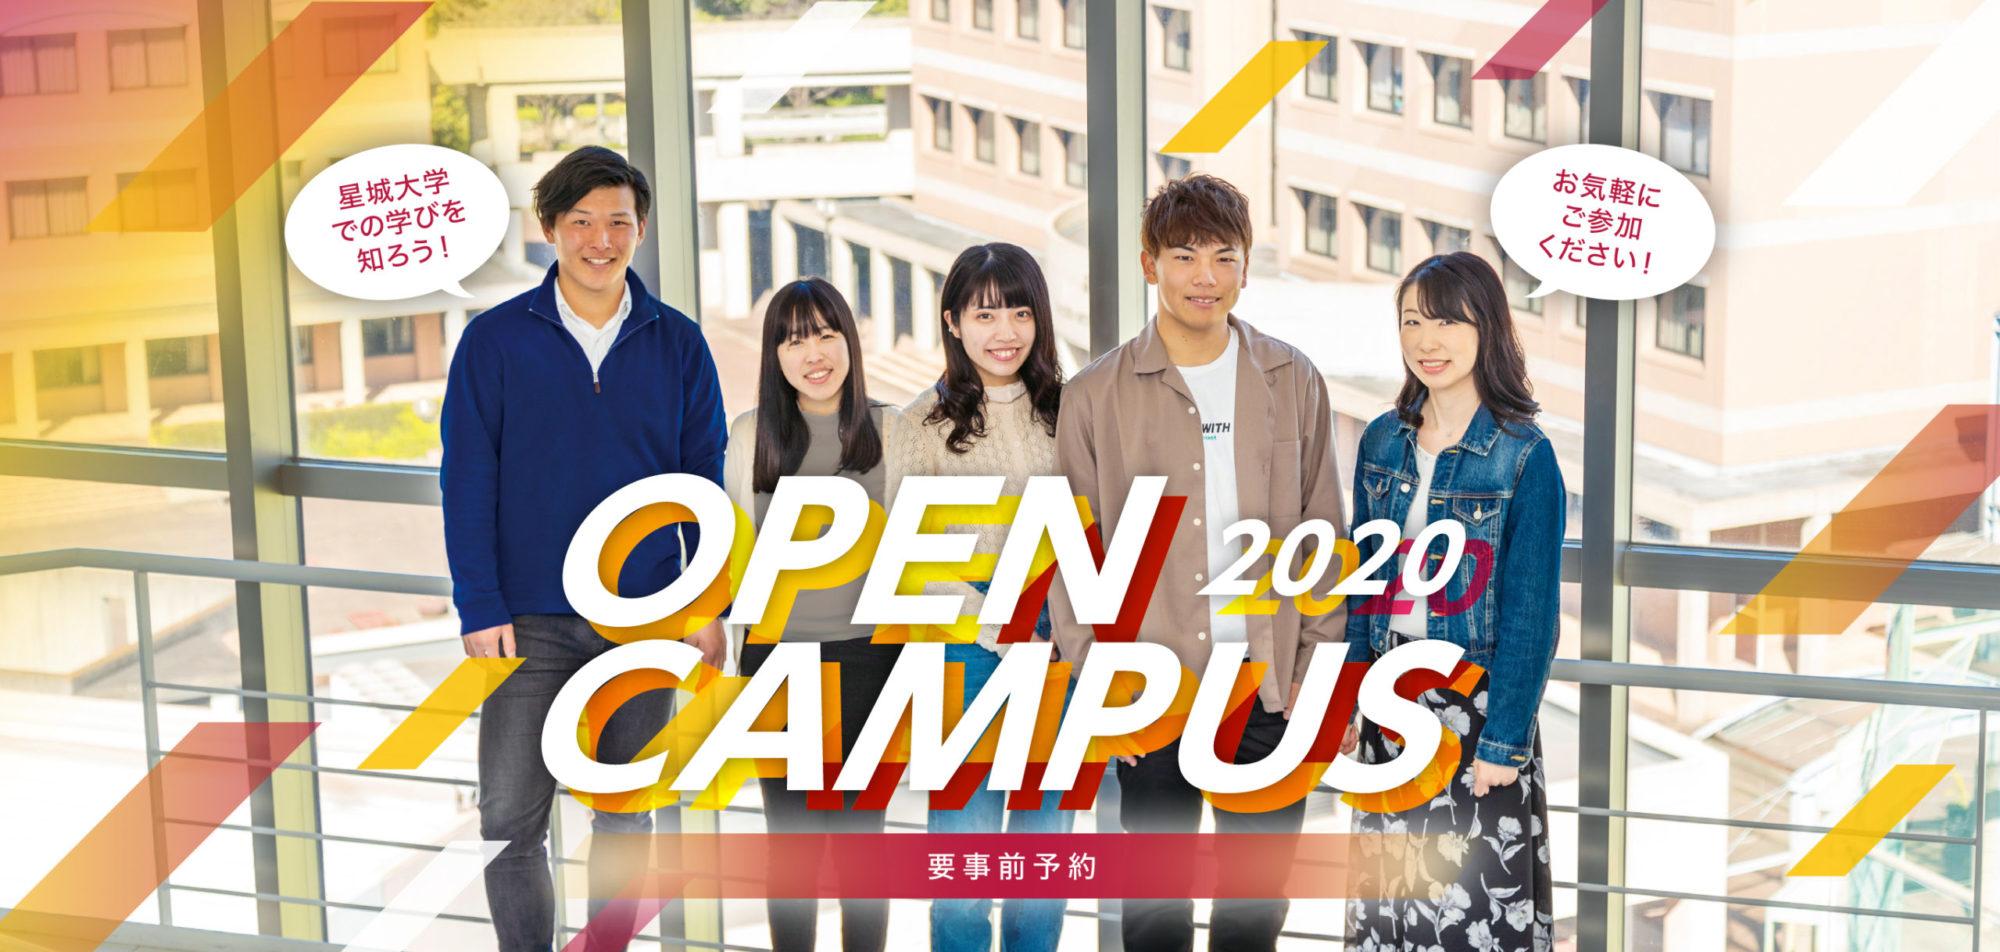 オープンキャンパス告知